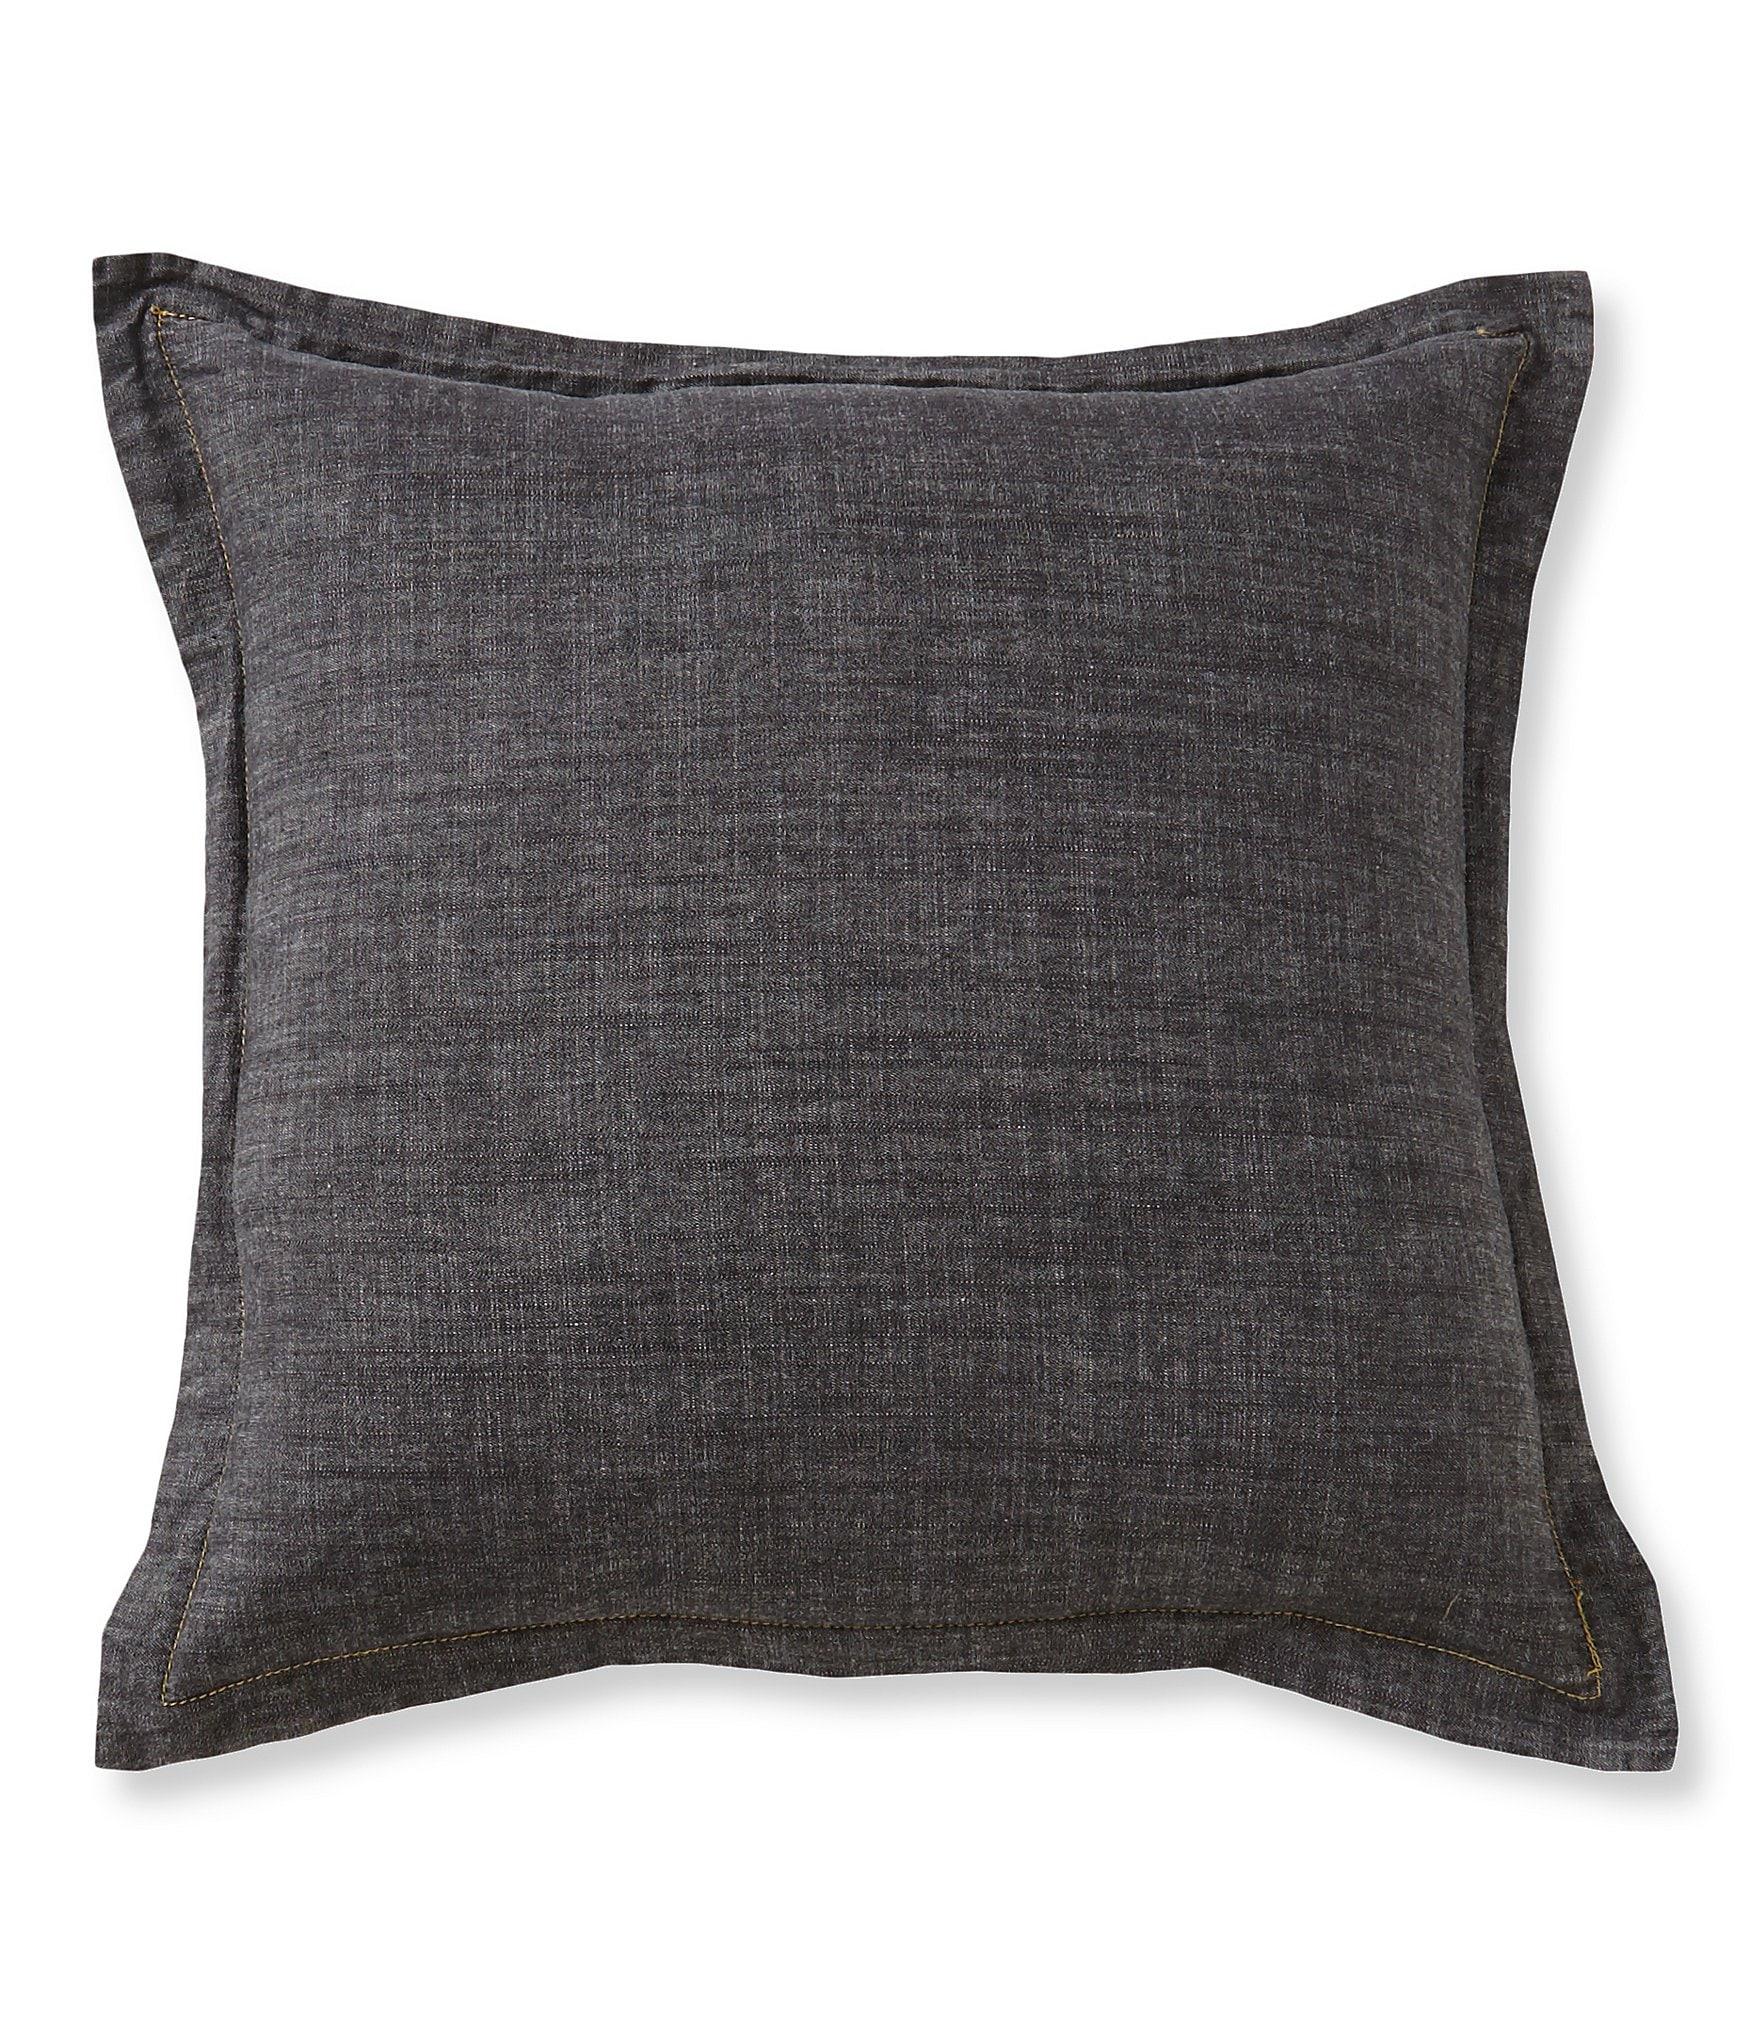 Cremieux Vintage Denim Square Pillow Dillards